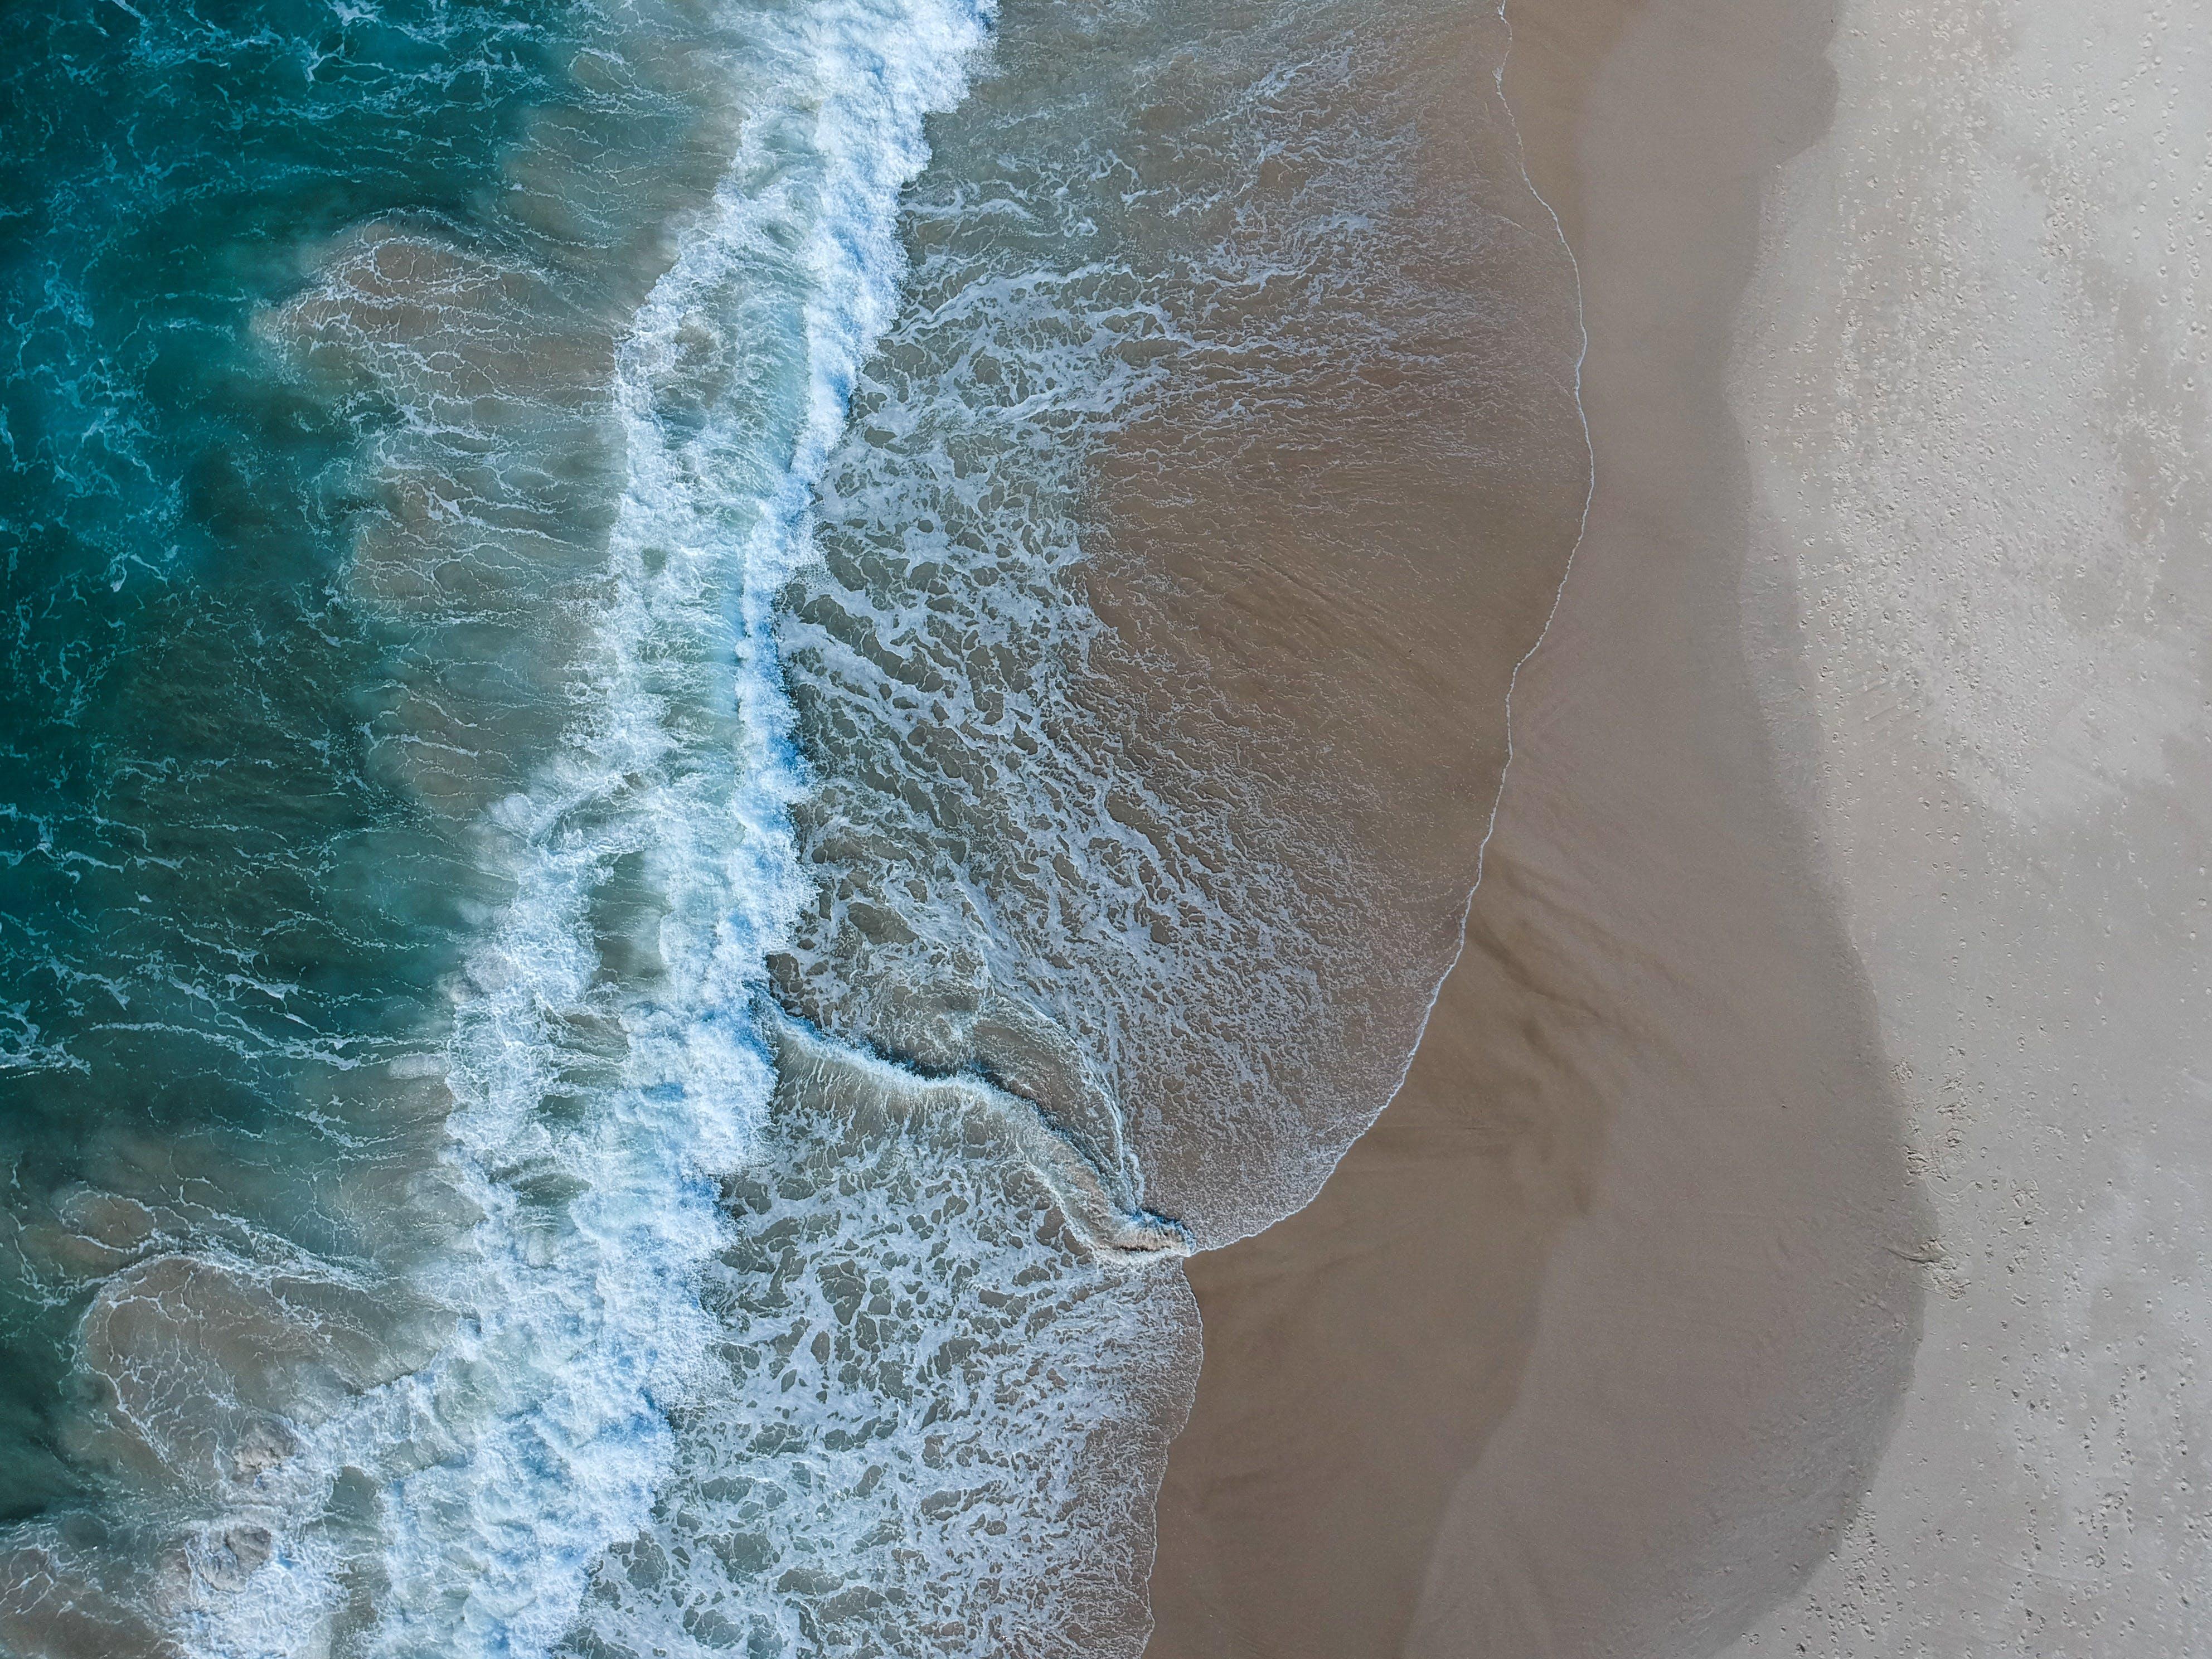 Gratis lagerfoto af bølger, dagtimer, fugleperspektiv, h2o